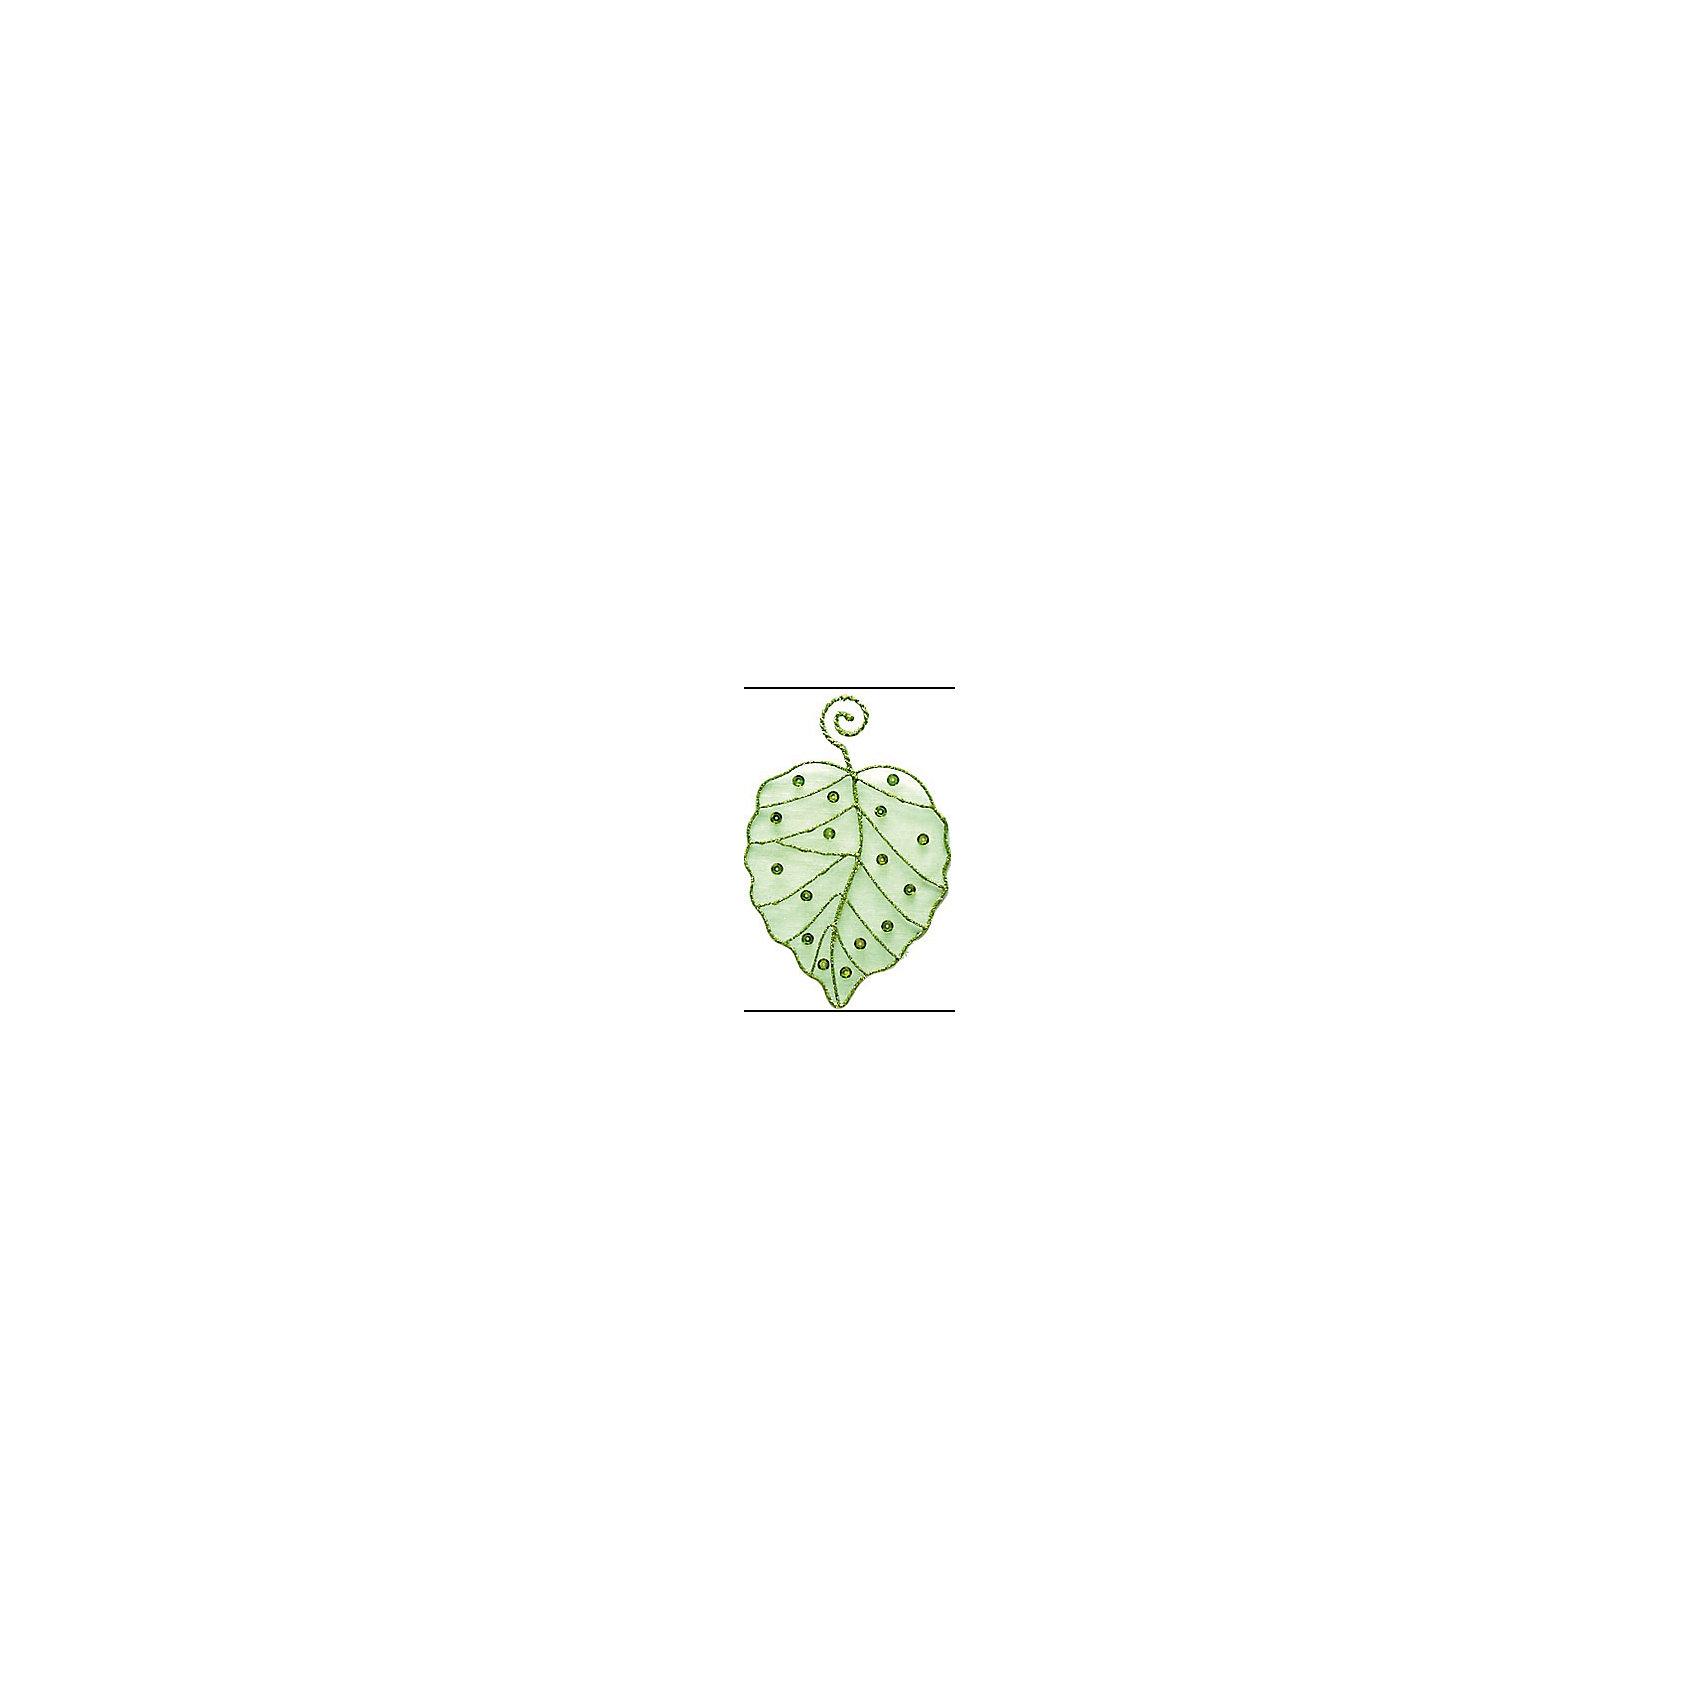 Marko Ferenzo Украшение Лист (зелёный) marko ferenzo набор желудей 3 шт grande 4 см золотой